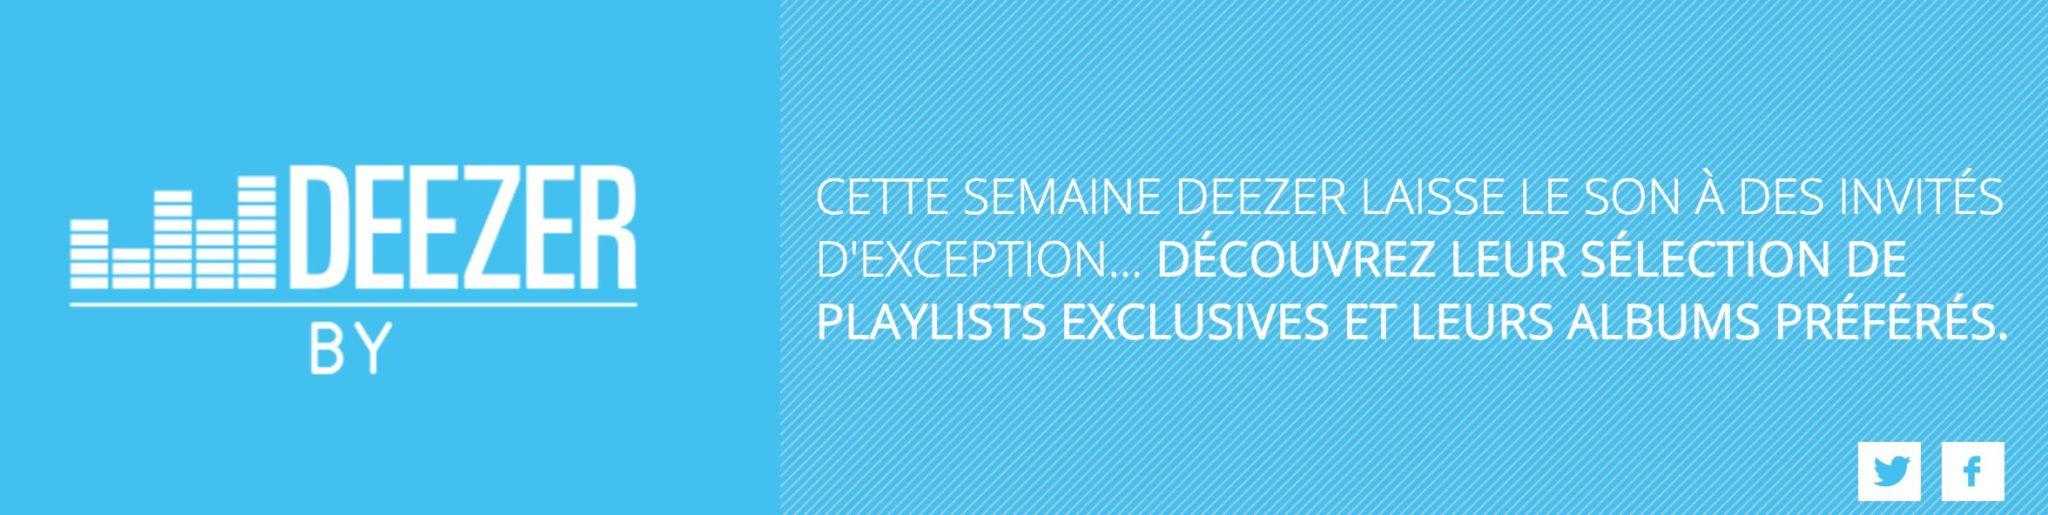 Lucas HÉBERLÉ #CV #Pro #Work Deezer & Sony Music Tournage Publicité Institutionnel Web